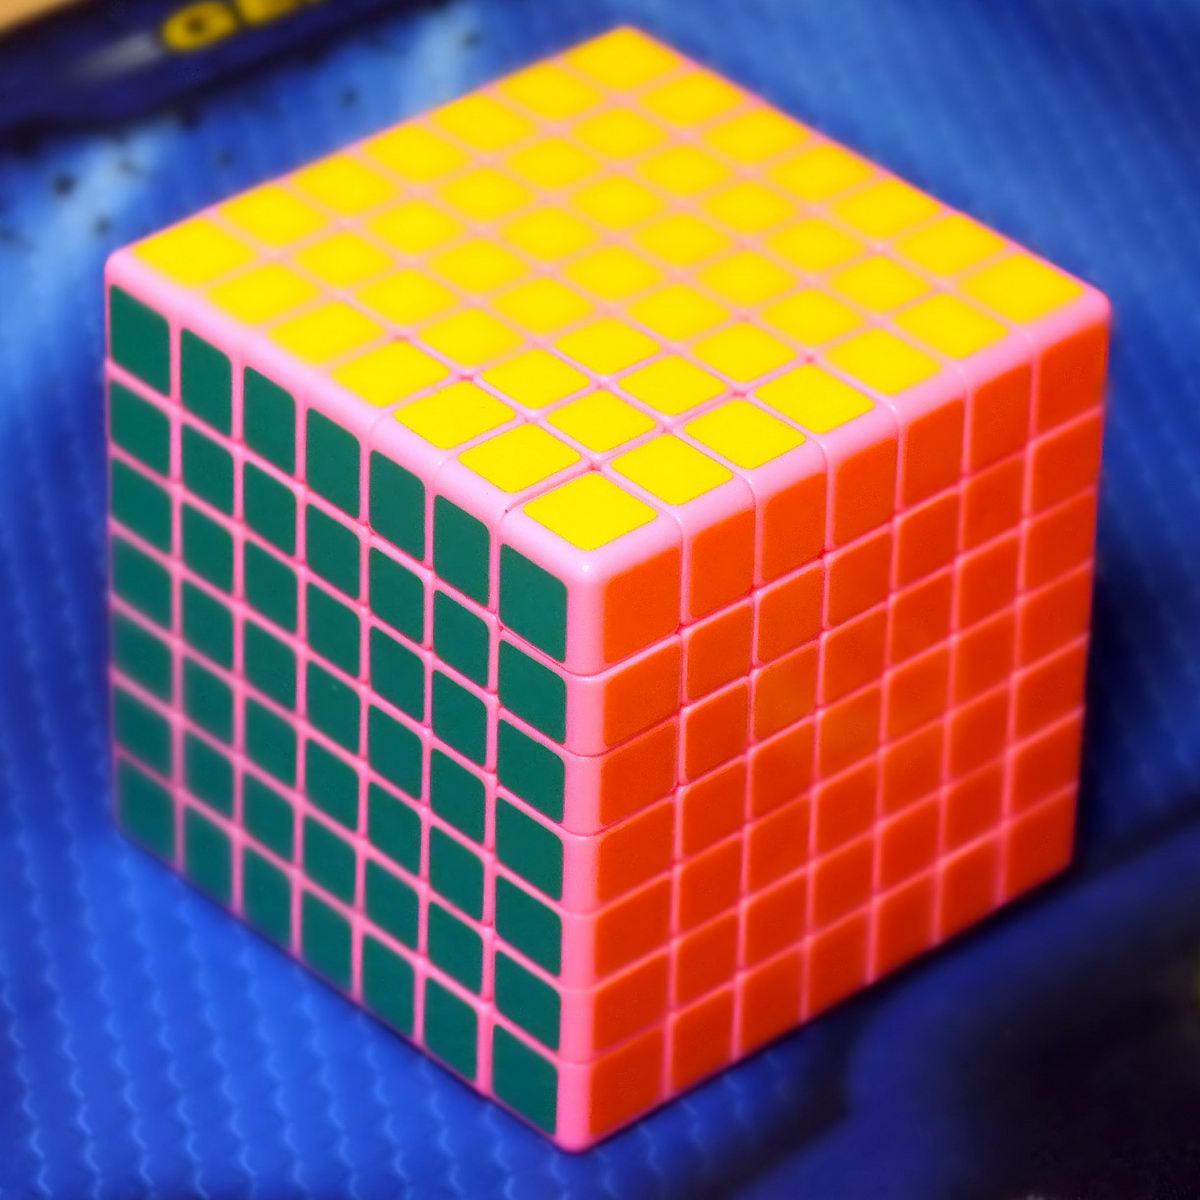 Shengshou 7x7 pink